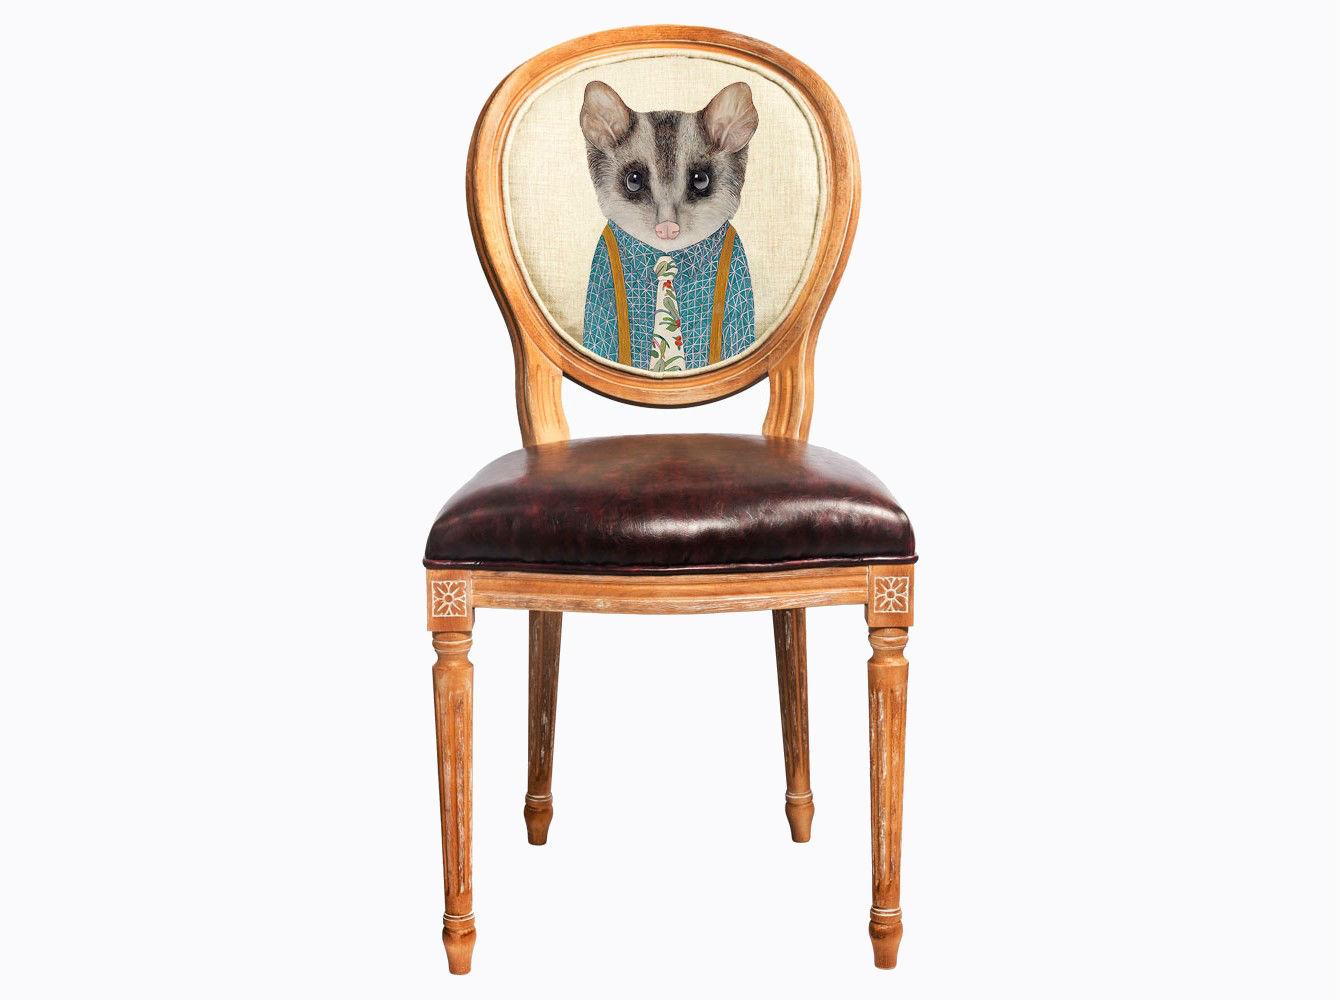 Стул «Мистер Поль»Обеденные стулья<br>Стул &amp;quot;Мистер Поль&amp;quot; - универсальное, но отборное решение гостиной, столовой, спальни, кабинета, холла и детской комнаты.<br>Дизайн стула создан эффектом экстравагантных контрастных сочетаний. Дымчатая фактура натурального дерева оттеняет густой шоколад сиденья, благородный дворцовый корпус обрамляет рисунок в жанре современного &amp;quot;фэнтези&amp;quot;.<br>Приобретая такую модель, можно быть уверенными в её эклектичном единстве с роскошным &amp;quot;ренессансом&amp;quot; и изнеженным &amp;quot;ампиром&amp;quot;, аскетичным &amp;quot;лофтом&amp;quot; и салонным &amp;quot;ар-деко&amp;quot;.&amp;lt;div&amp;gt;&amp;lt;br&amp;gt;&amp;lt;/div&amp;gt;&amp;lt;div&amp;gt;&amp;lt;span style=&amp;quot;line-height: 24.9999px;&amp;quot;&amp;gt;Материал: бук, экокожа, лен, хлопок&amp;lt;/span&amp;gt;&amp;lt;br&amp;gt;&amp;lt;/div&amp;gt;&amp;lt;div&amp;gt;&amp;lt;span style=&amp;quot;line-height: 24.9999px;&amp;quot;&amp;gt;&amp;lt;br&amp;gt;&amp;lt;/span&amp;gt;&amp;lt;/div&amp;gt;&amp;lt;div&amp;gt;&amp;lt;br&amp;gt;&amp;lt;/div&amp;gt;<br><br>&amp;lt;iframe width=&amp;quot;530&amp;quot; height=&amp;quot;315&amp;quot; src=&amp;quot;https://www.youtube.com/embed/3vitXSFtUrE&amp;quot; frameborder=&amp;quot;0&amp;quot; allowfullscreen=&amp;quot;&amp;quot;&amp;gt;&amp;lt;/iframe&amp;gt;<br><br>Material: Дерево<br>Width см: 47<br>Depth см: 50<br>Height см: 98